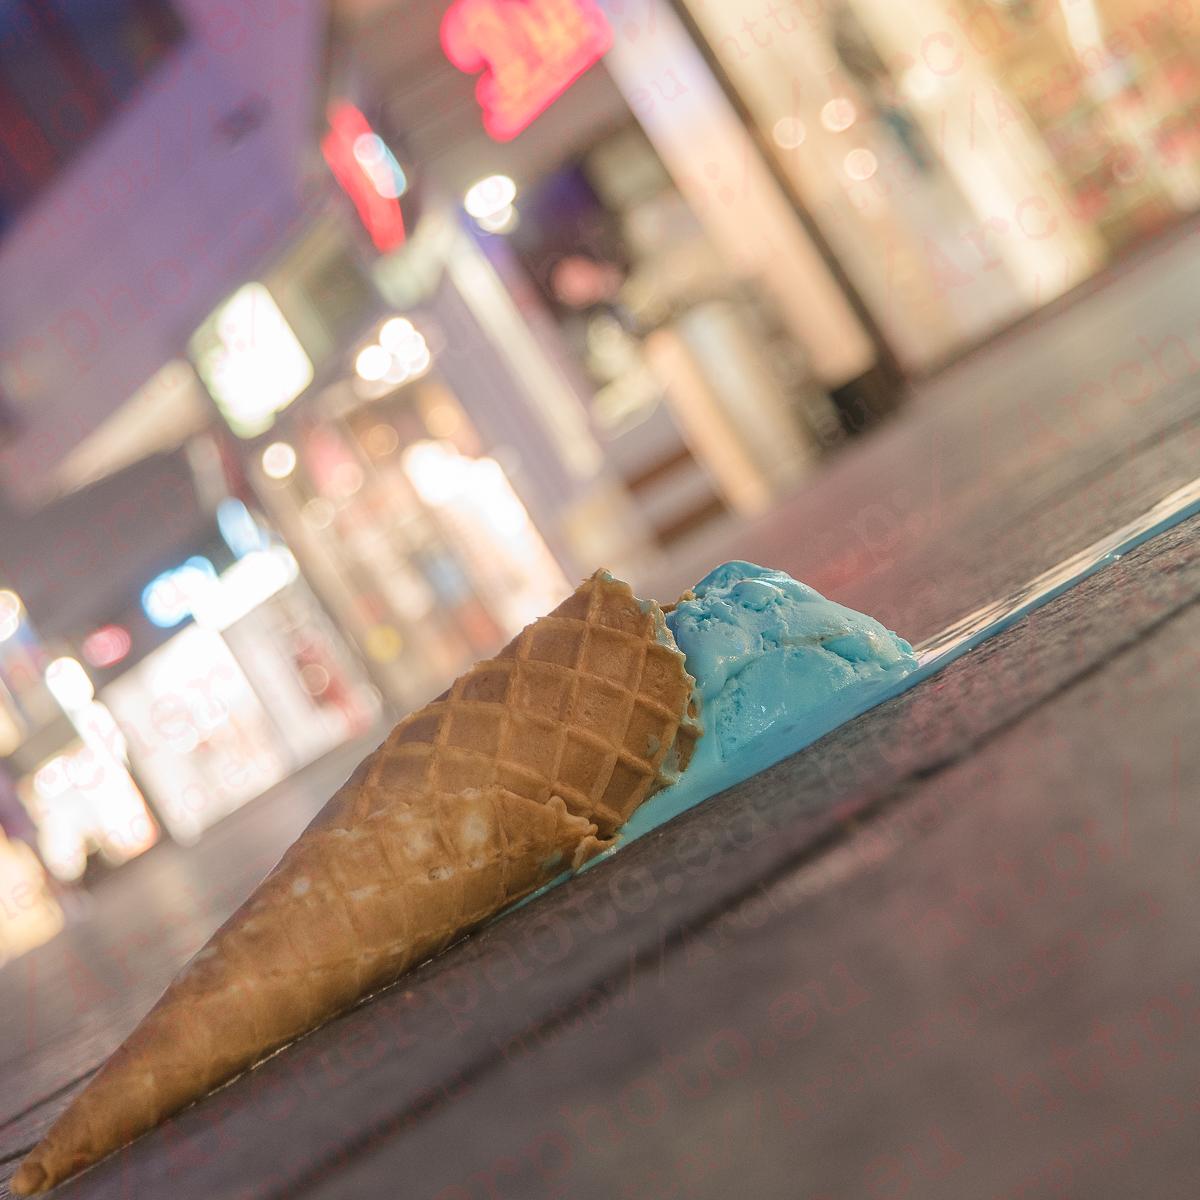 un helado en el suelo en Maguncia